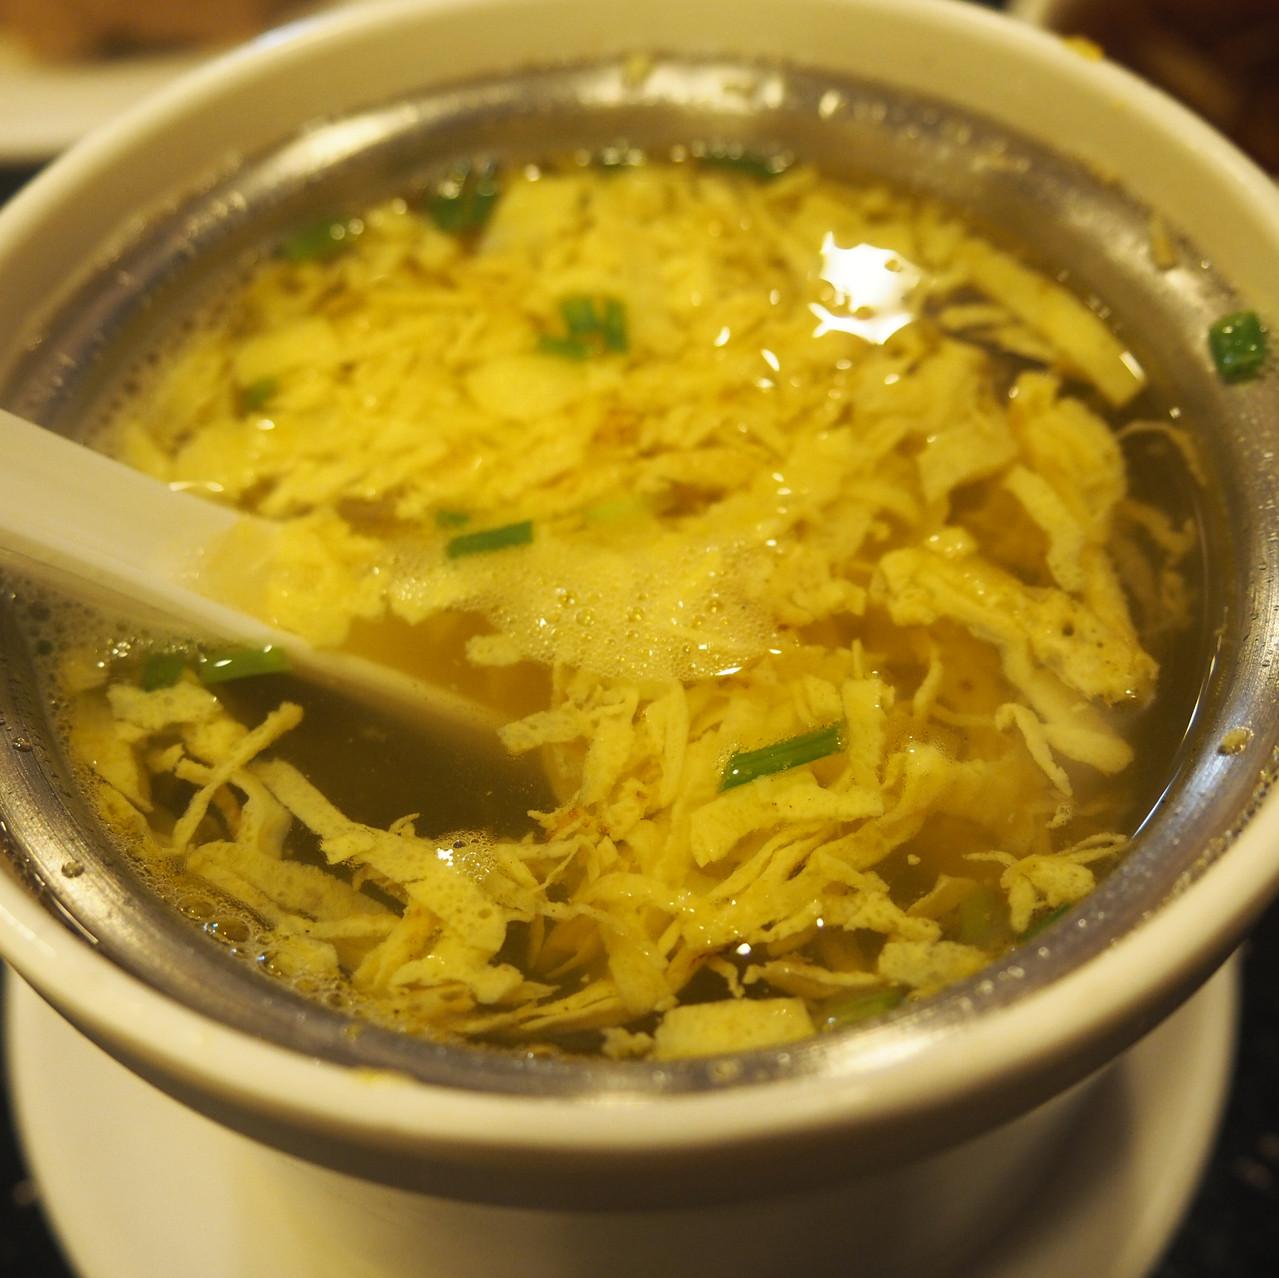 Shredded Egg Soup